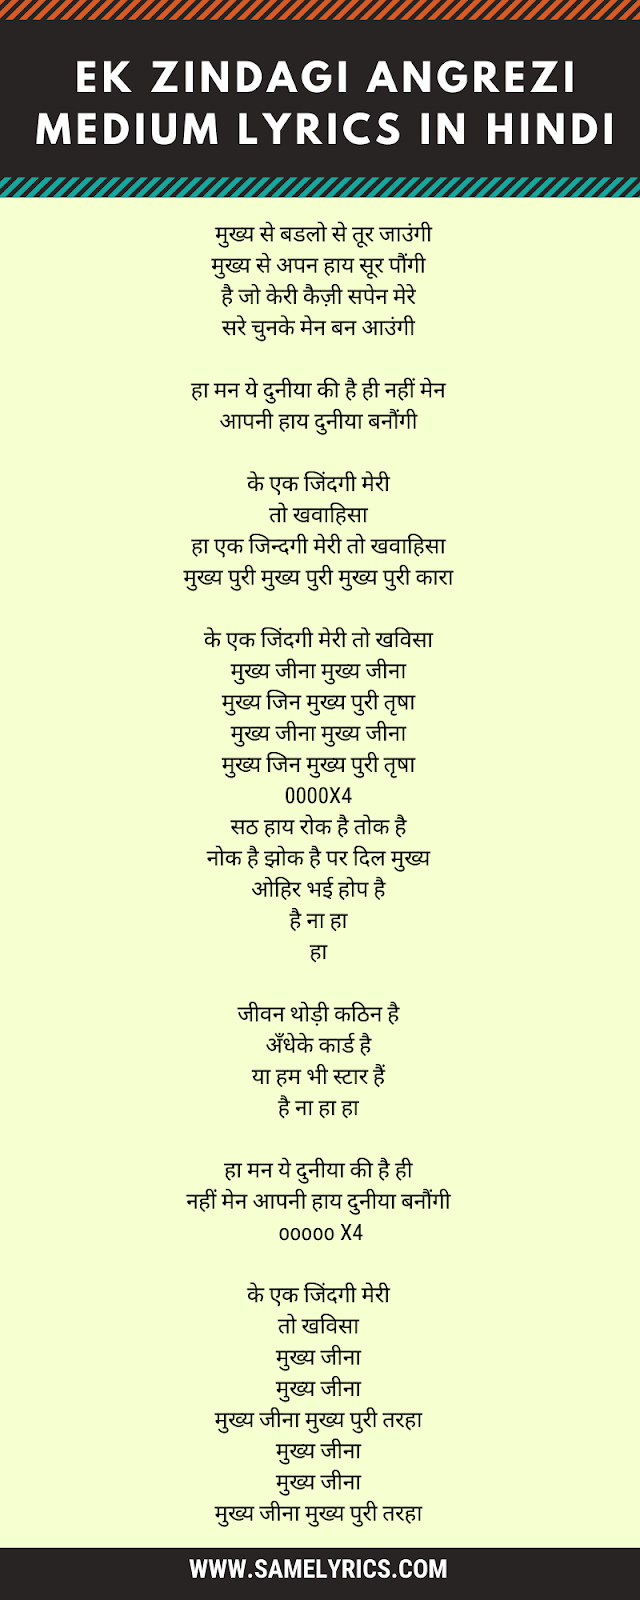 Ek Zindagi Angrezi Medium Lyrics In Hindi